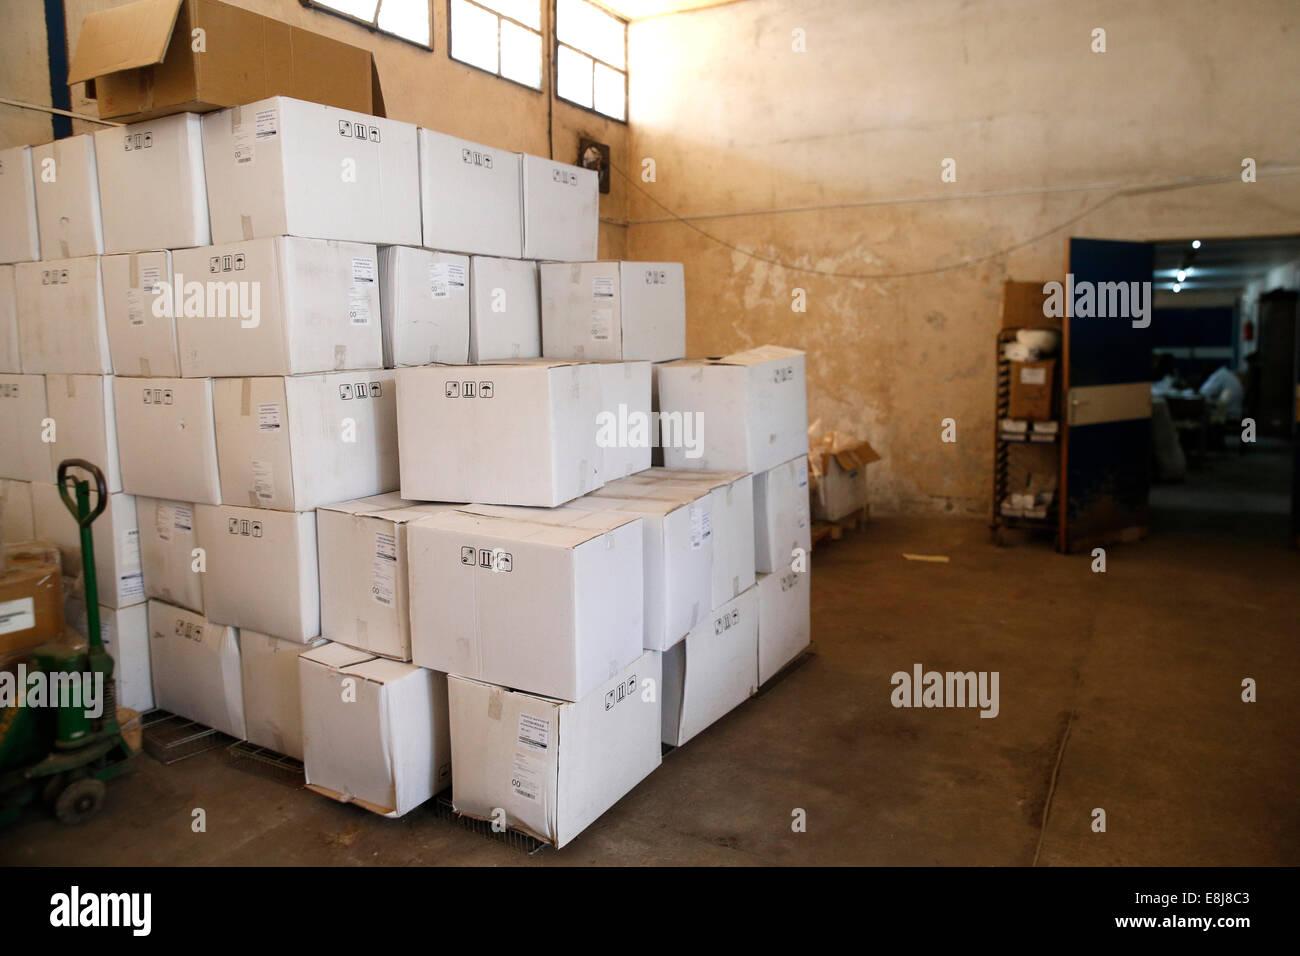 L'hôpital de Brazzaville. Entrepôt de fournitures médicales. Photo Stock